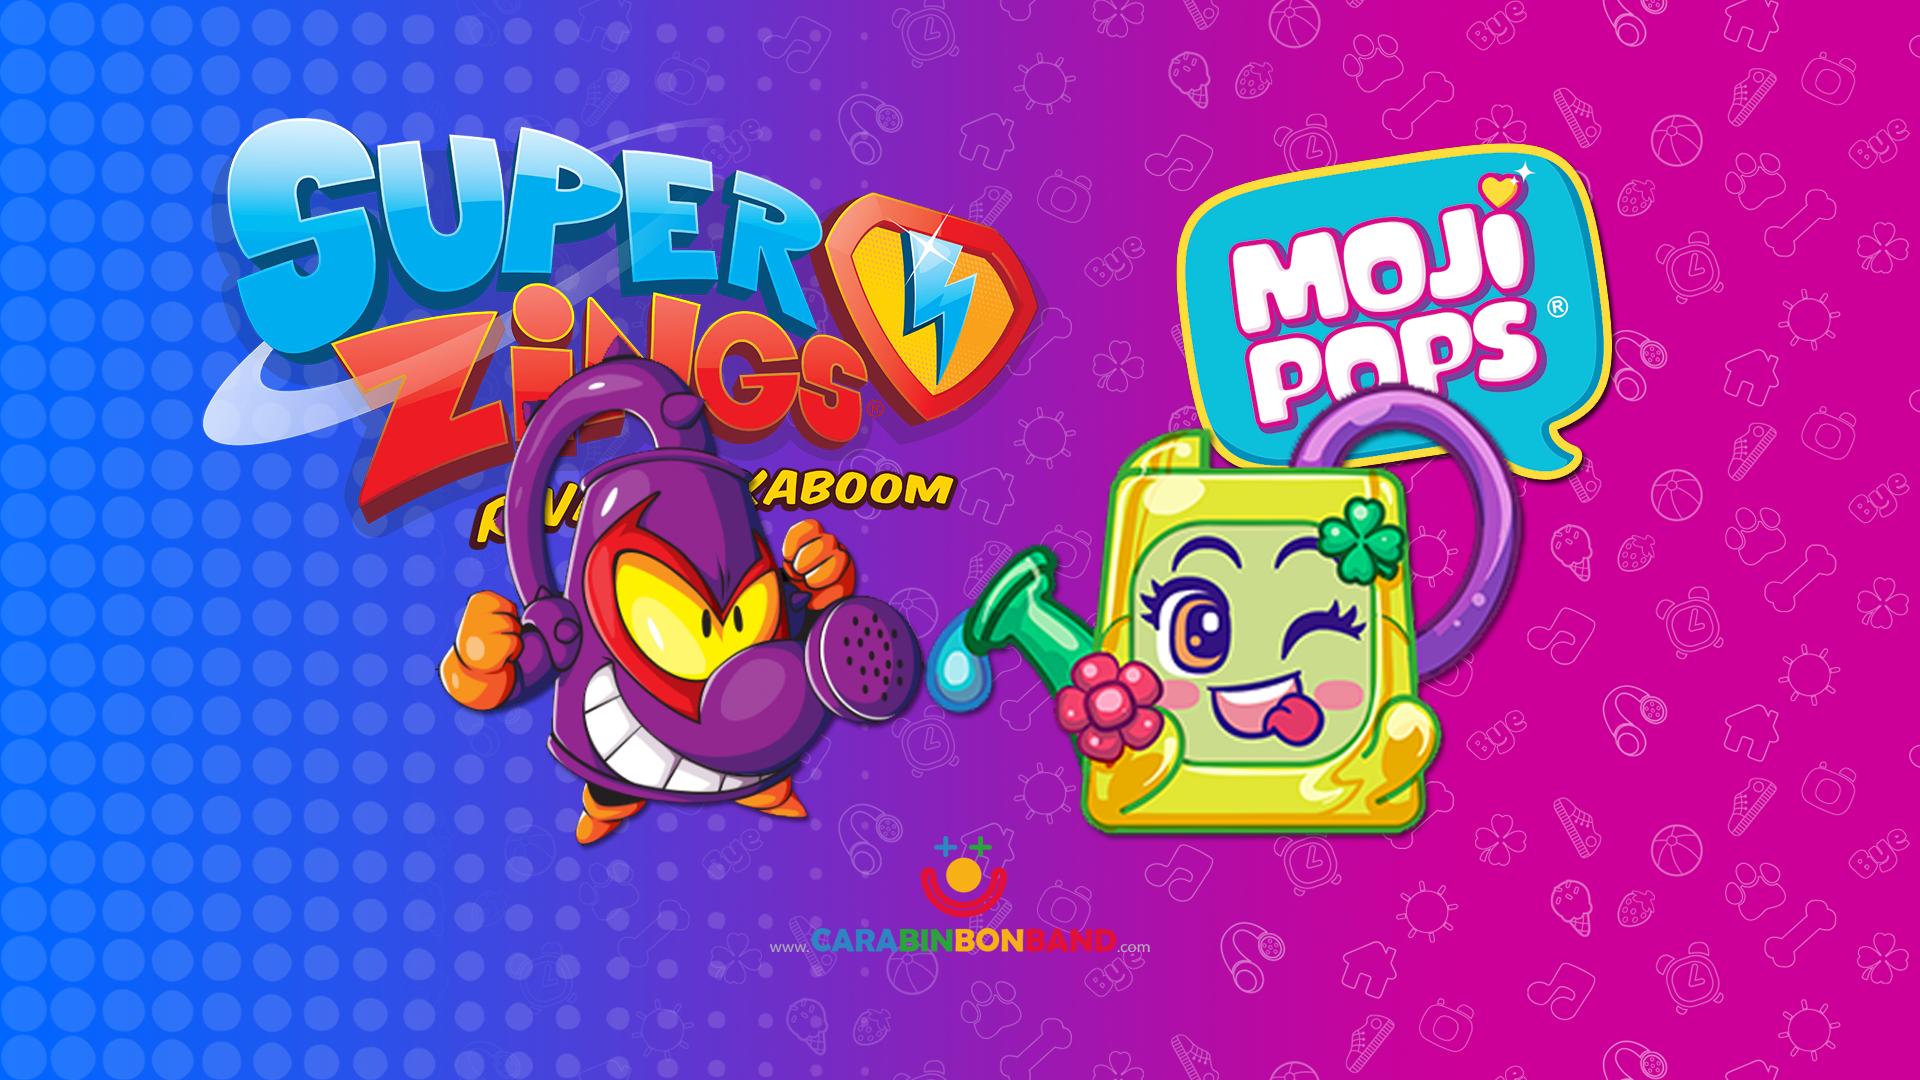 Comparando MOJIPOPS Serie 2 y SUPERZINGS - Mismos objetos